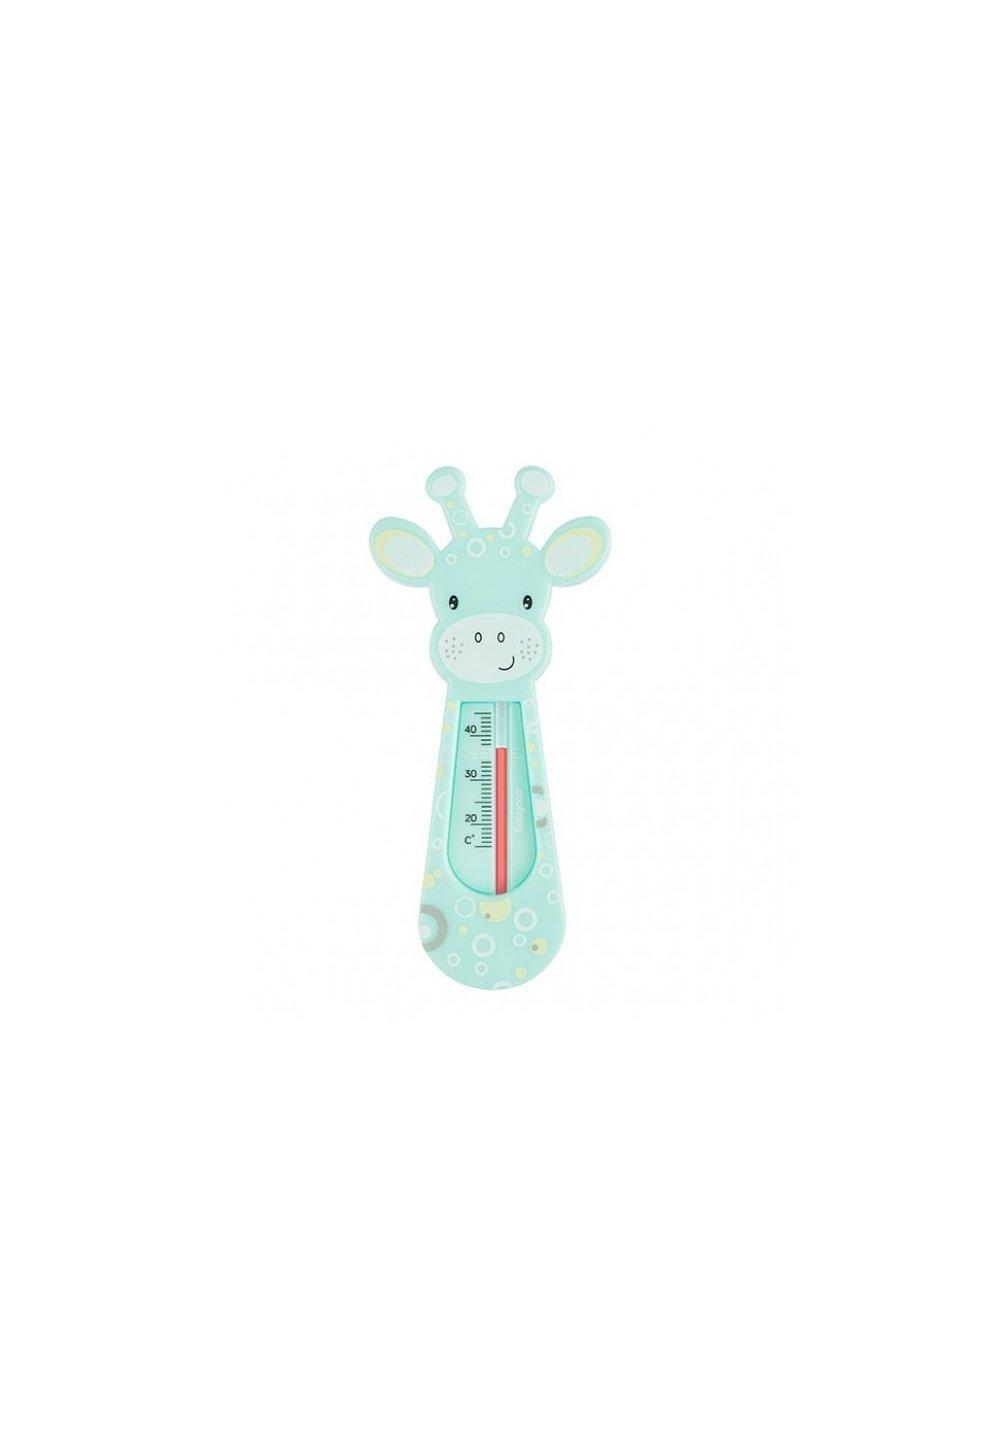 Termometru pentru baie, girafa turcoaz cu buline imagine